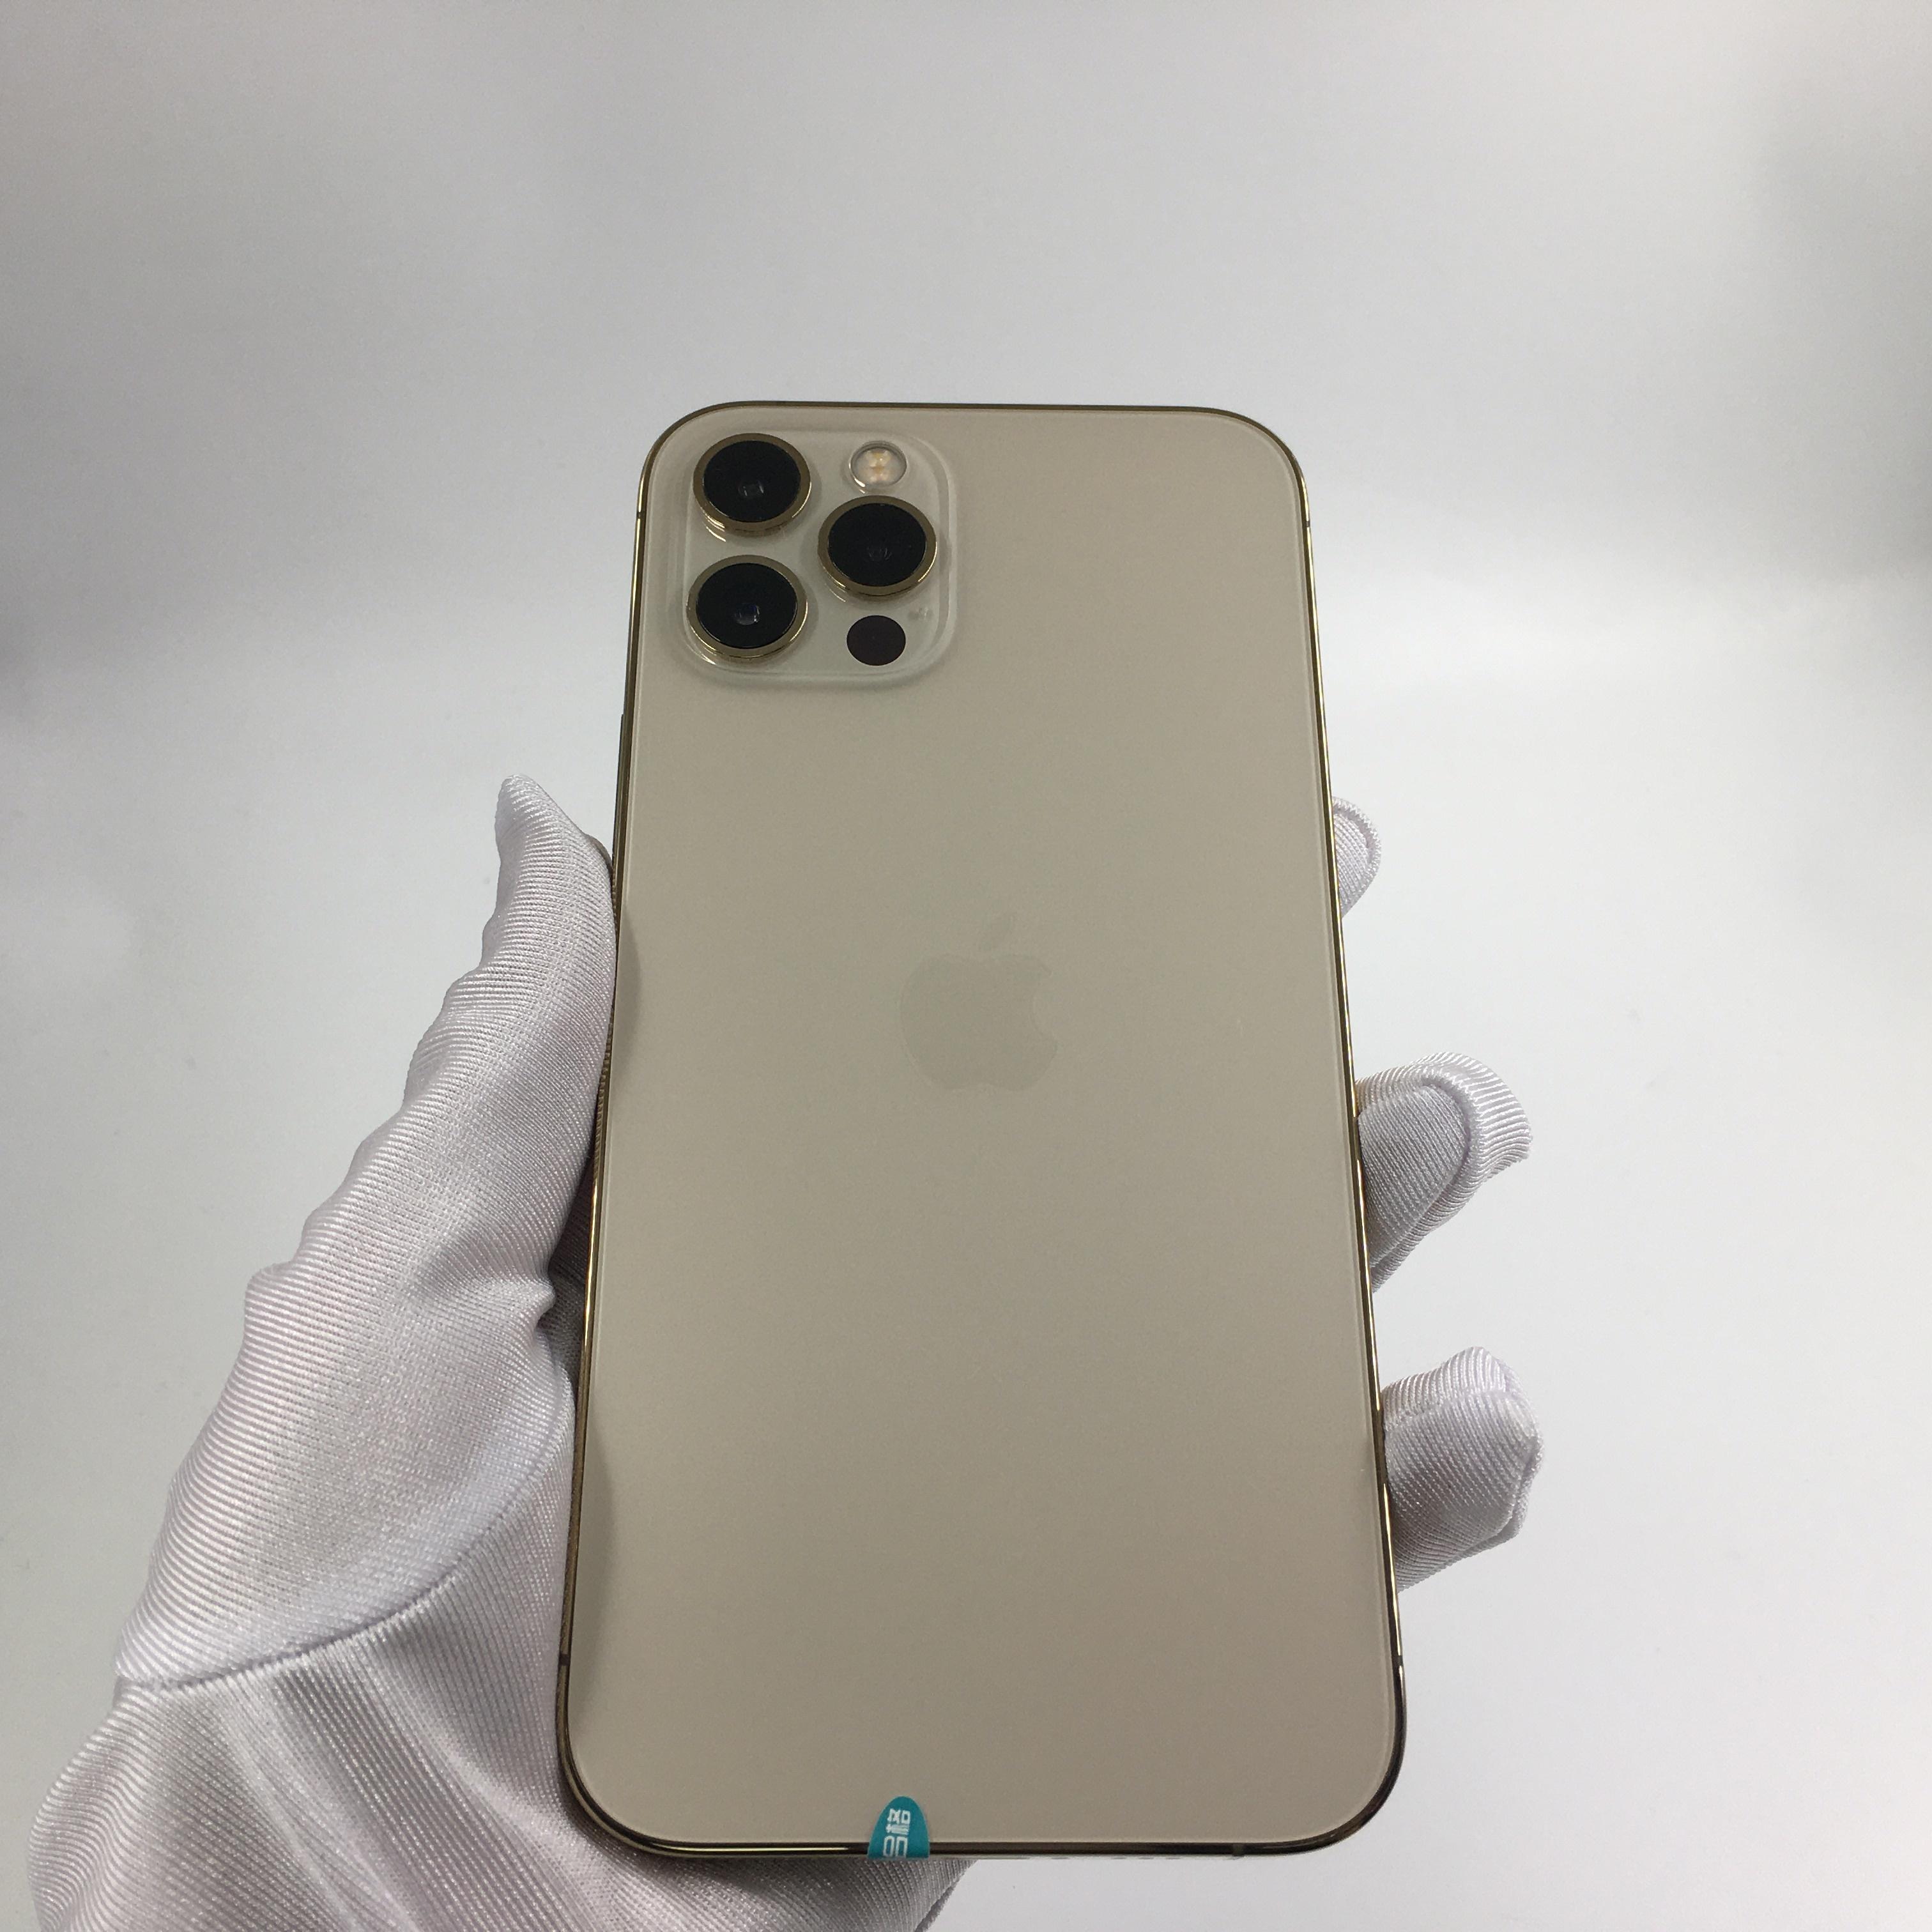 苹果【iPhone 12 Pro】5G全网通 金色 128G 国行 99新 128G真机实拍